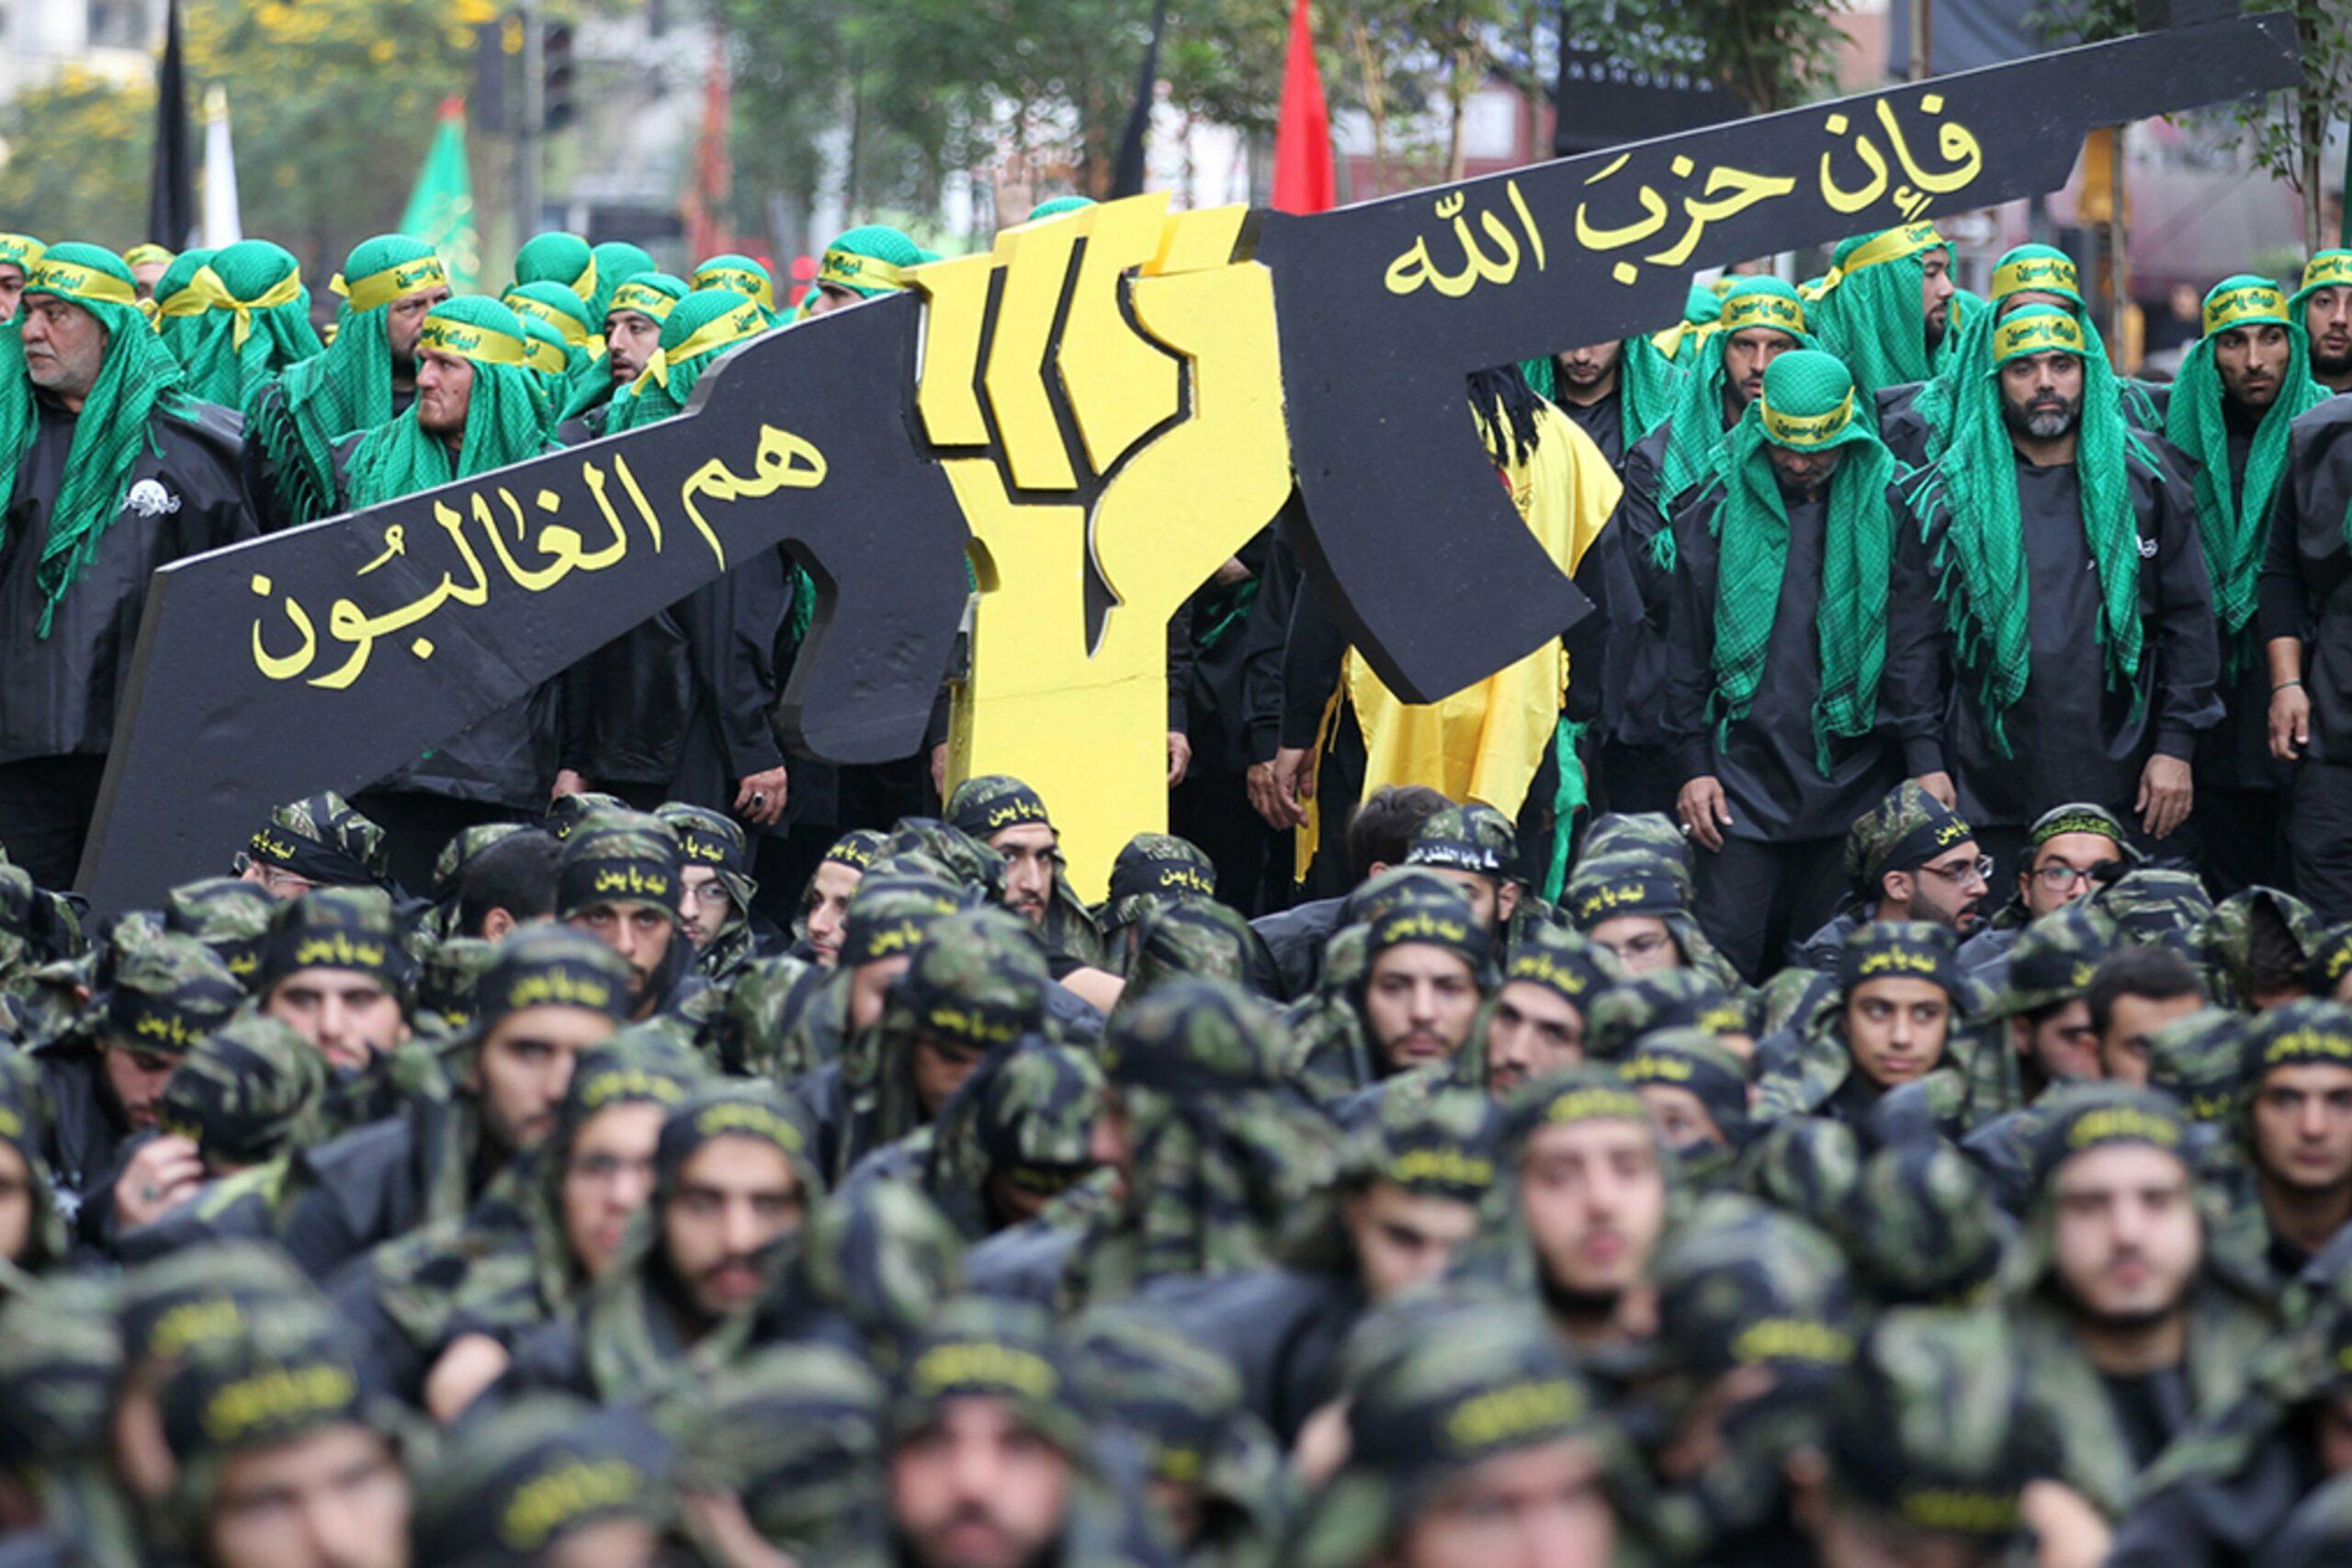 Amerika és Katar közösen léptet életbe szankciókat a Hezbollahot finanszírozók ellen